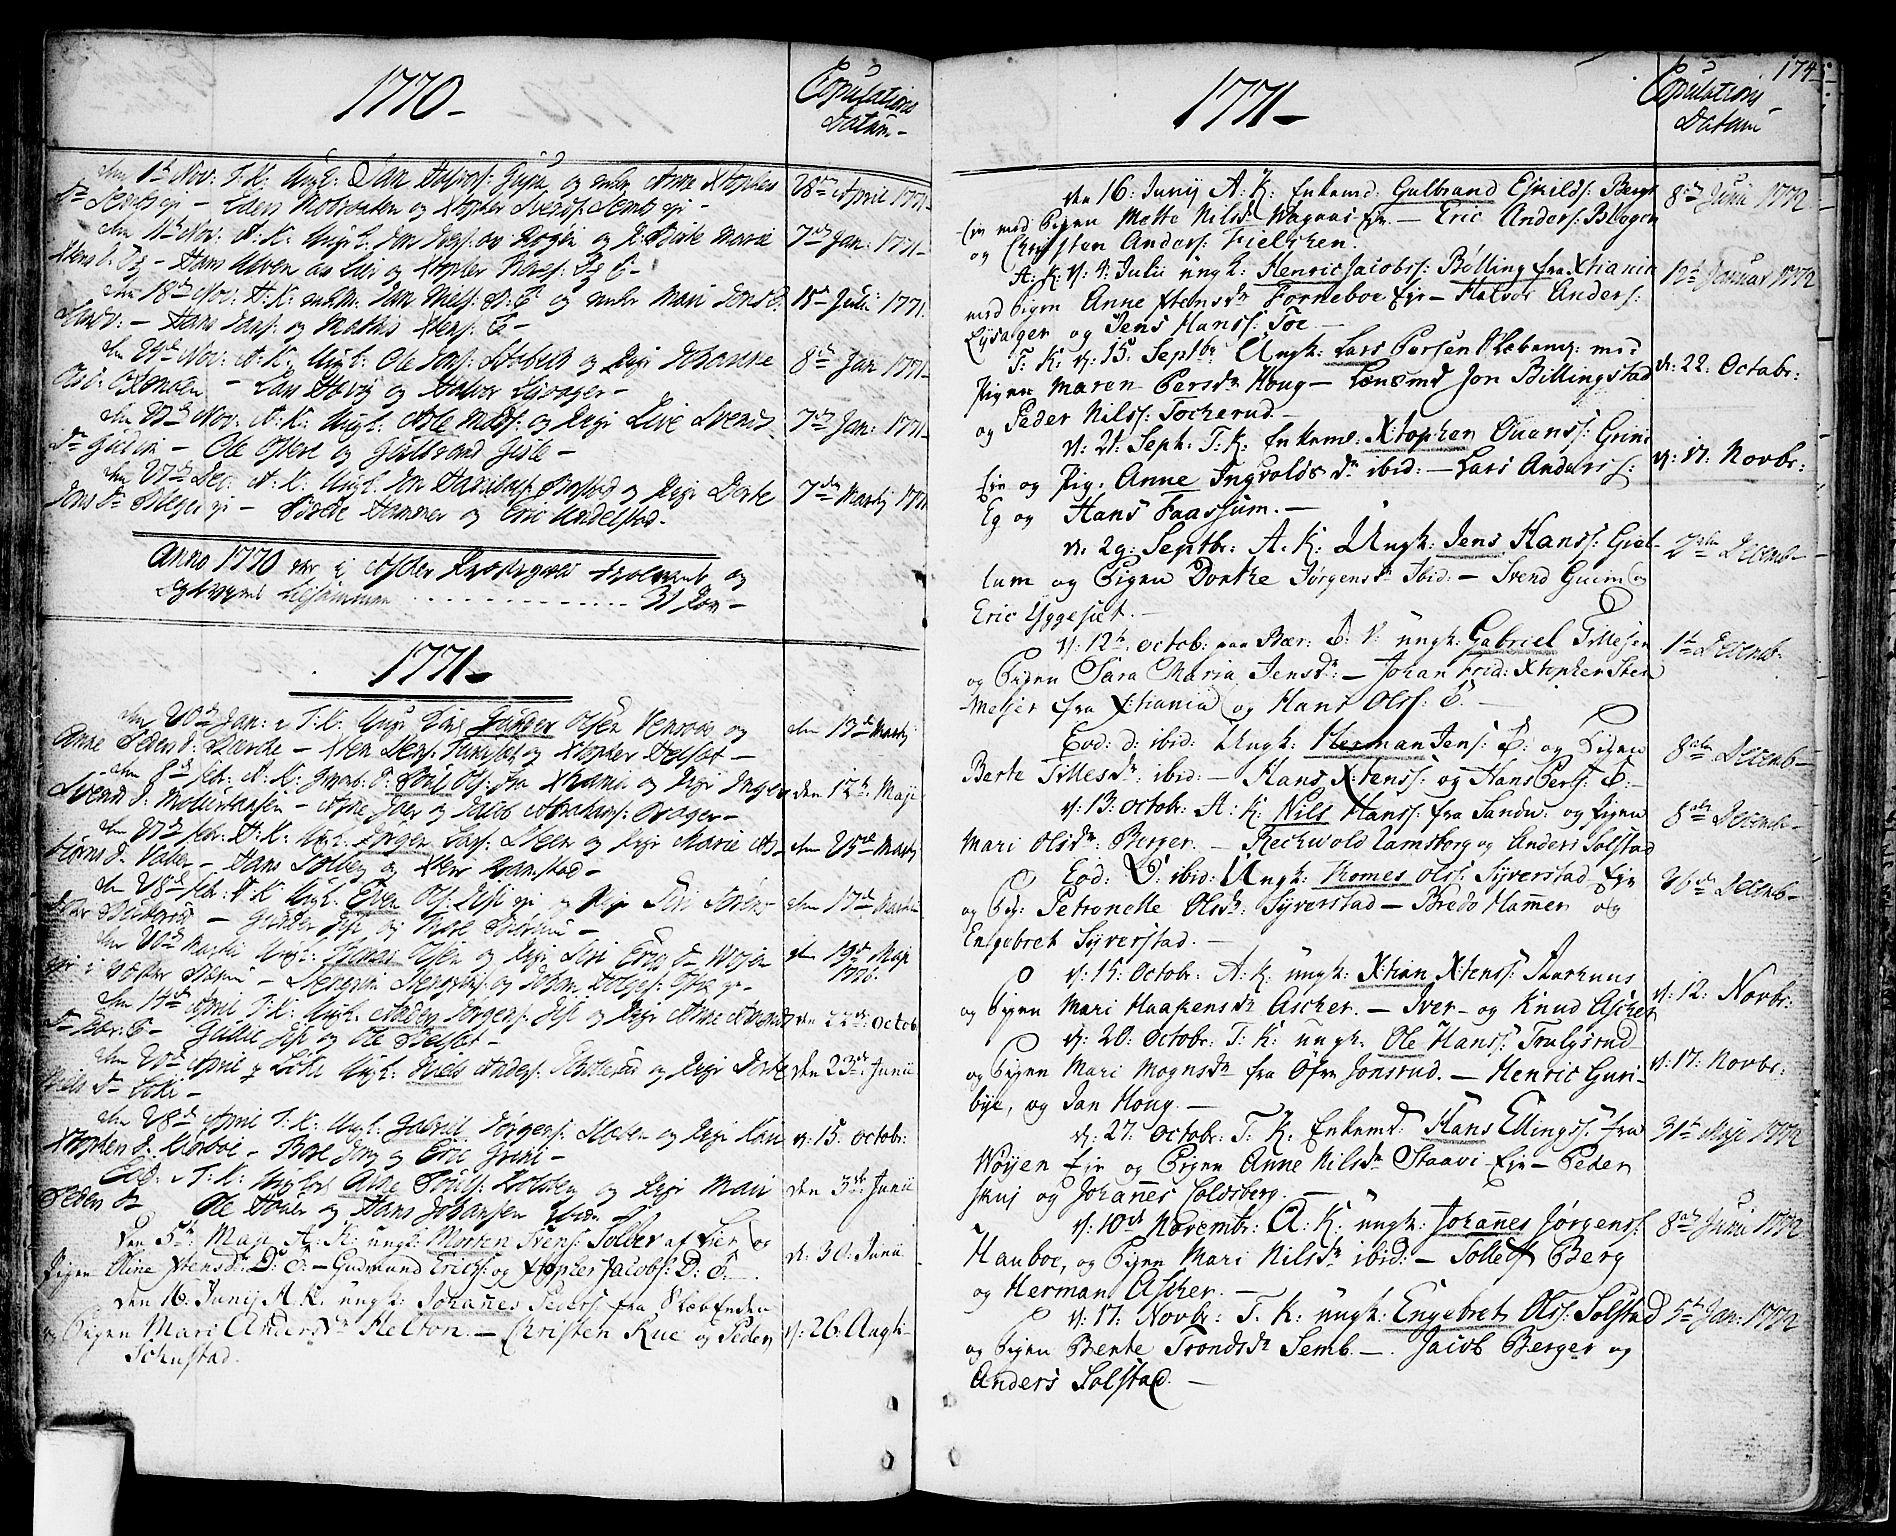 SAO, Asker prestekontor Kirkebøker, F/Fa/L0003: Ministerialbok nr. I 3, 1767-1807, s. 174